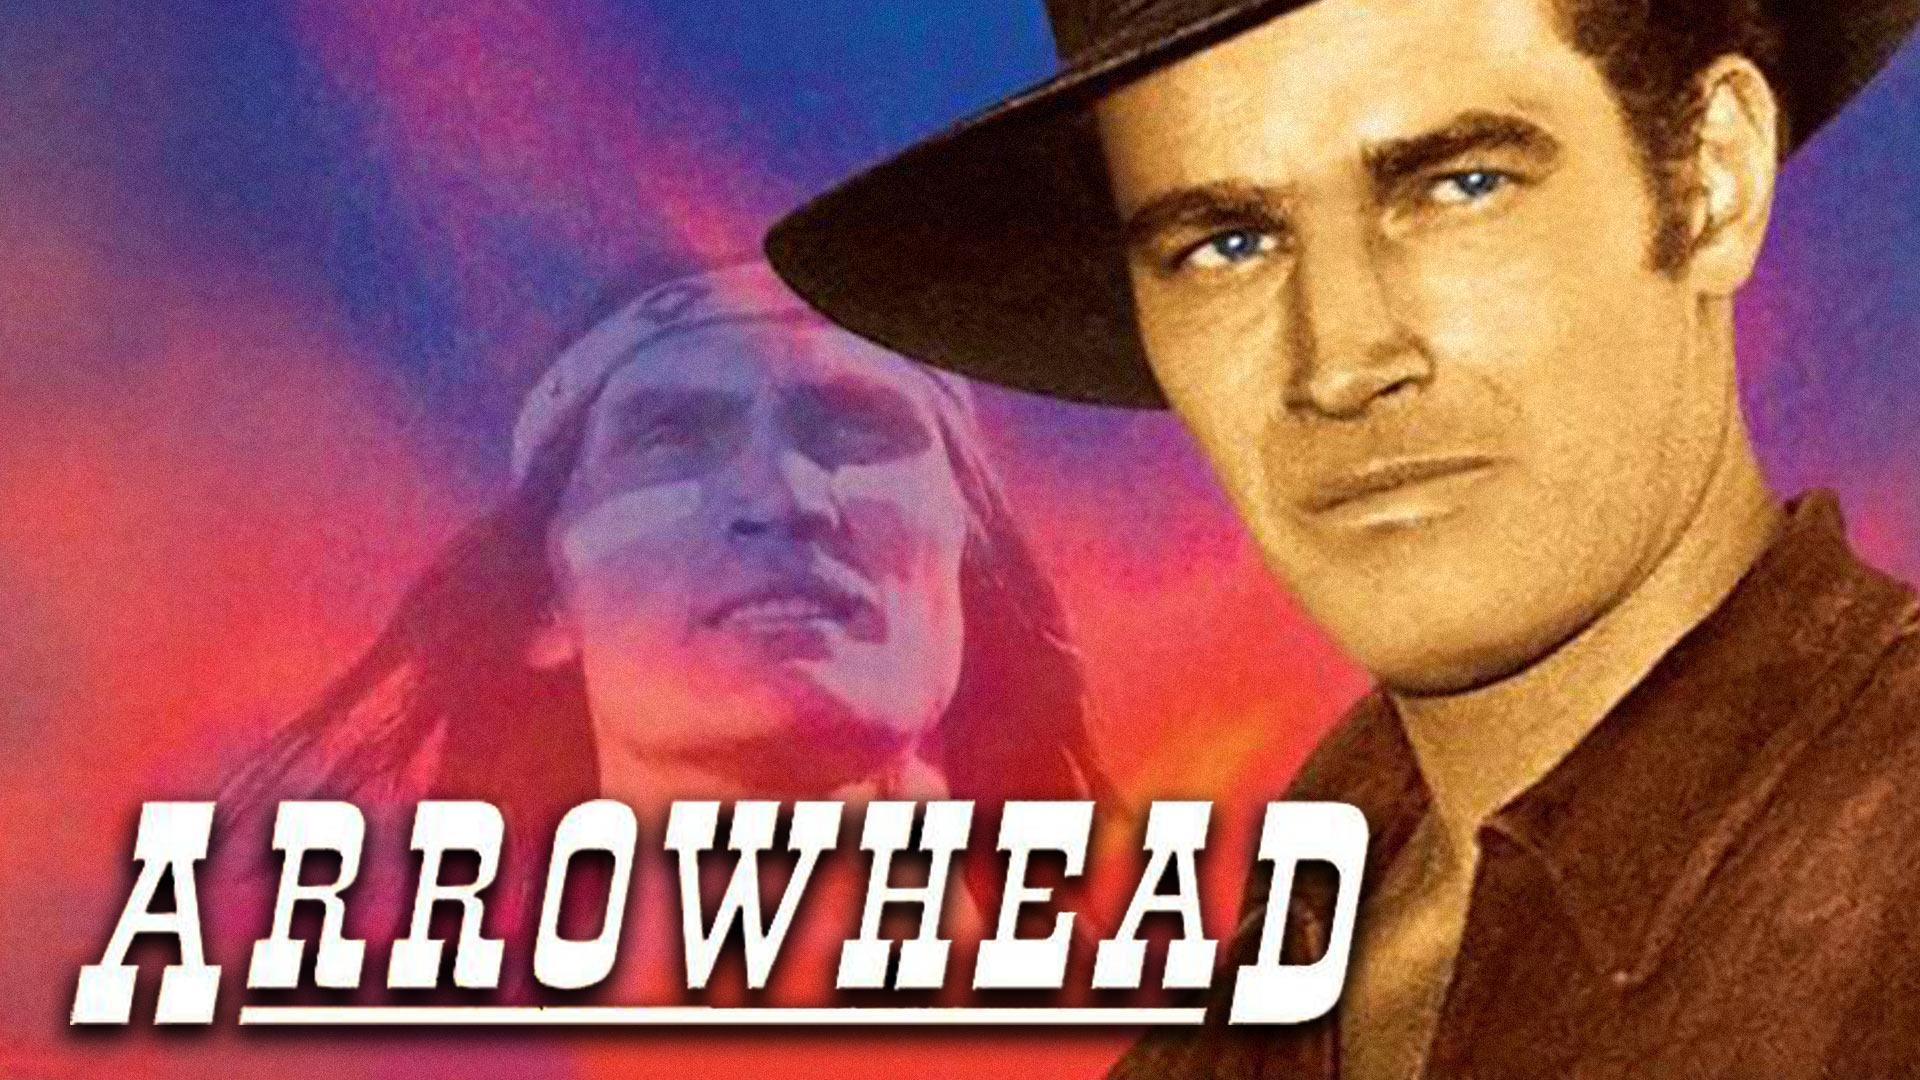 Arrowhead